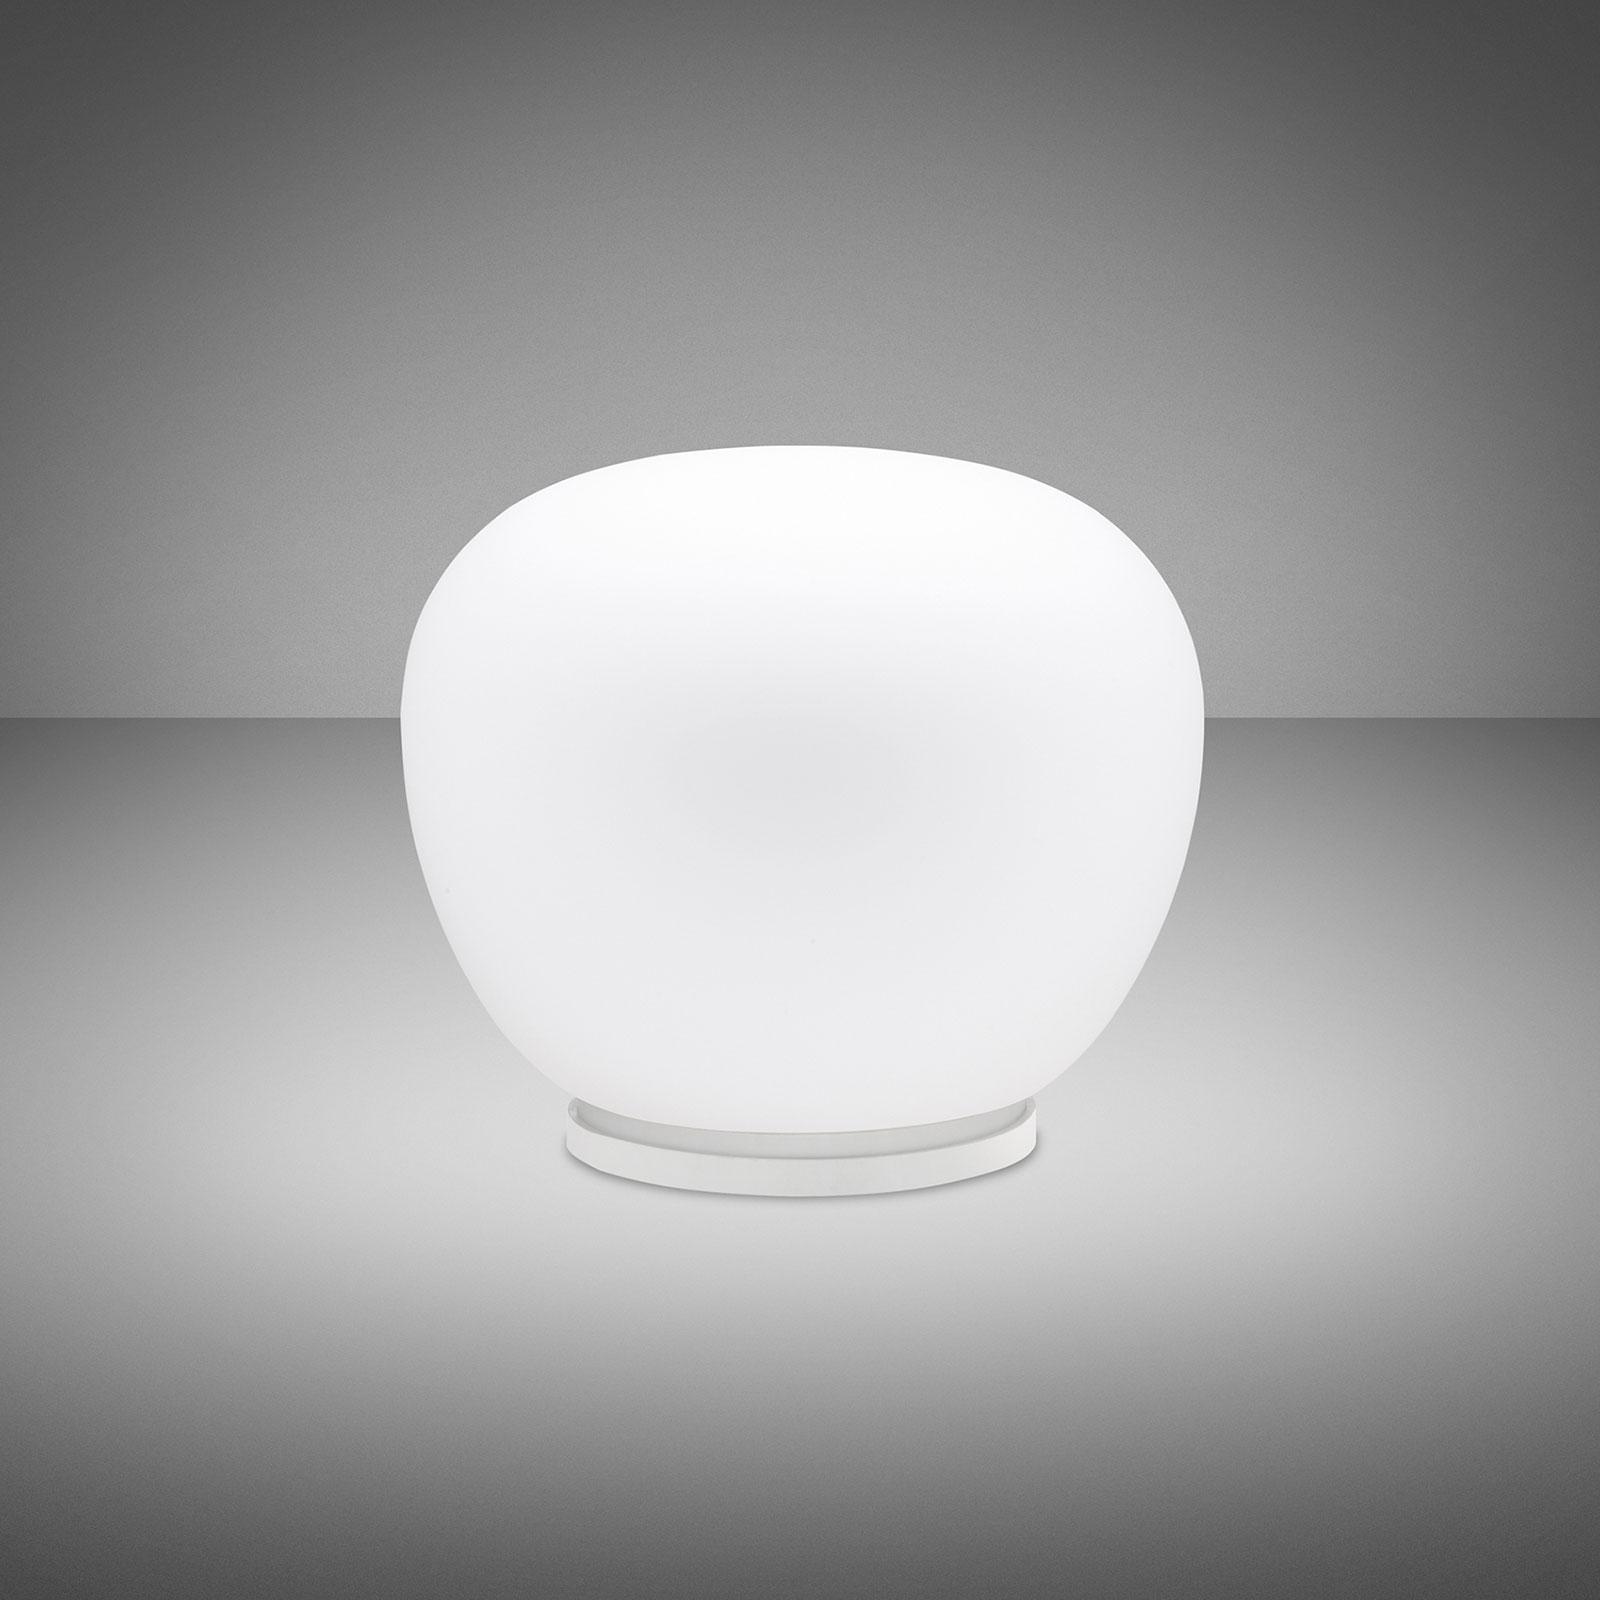 Fabbian Lumi Mochi bordslampa, liggande, Ø 30 cm